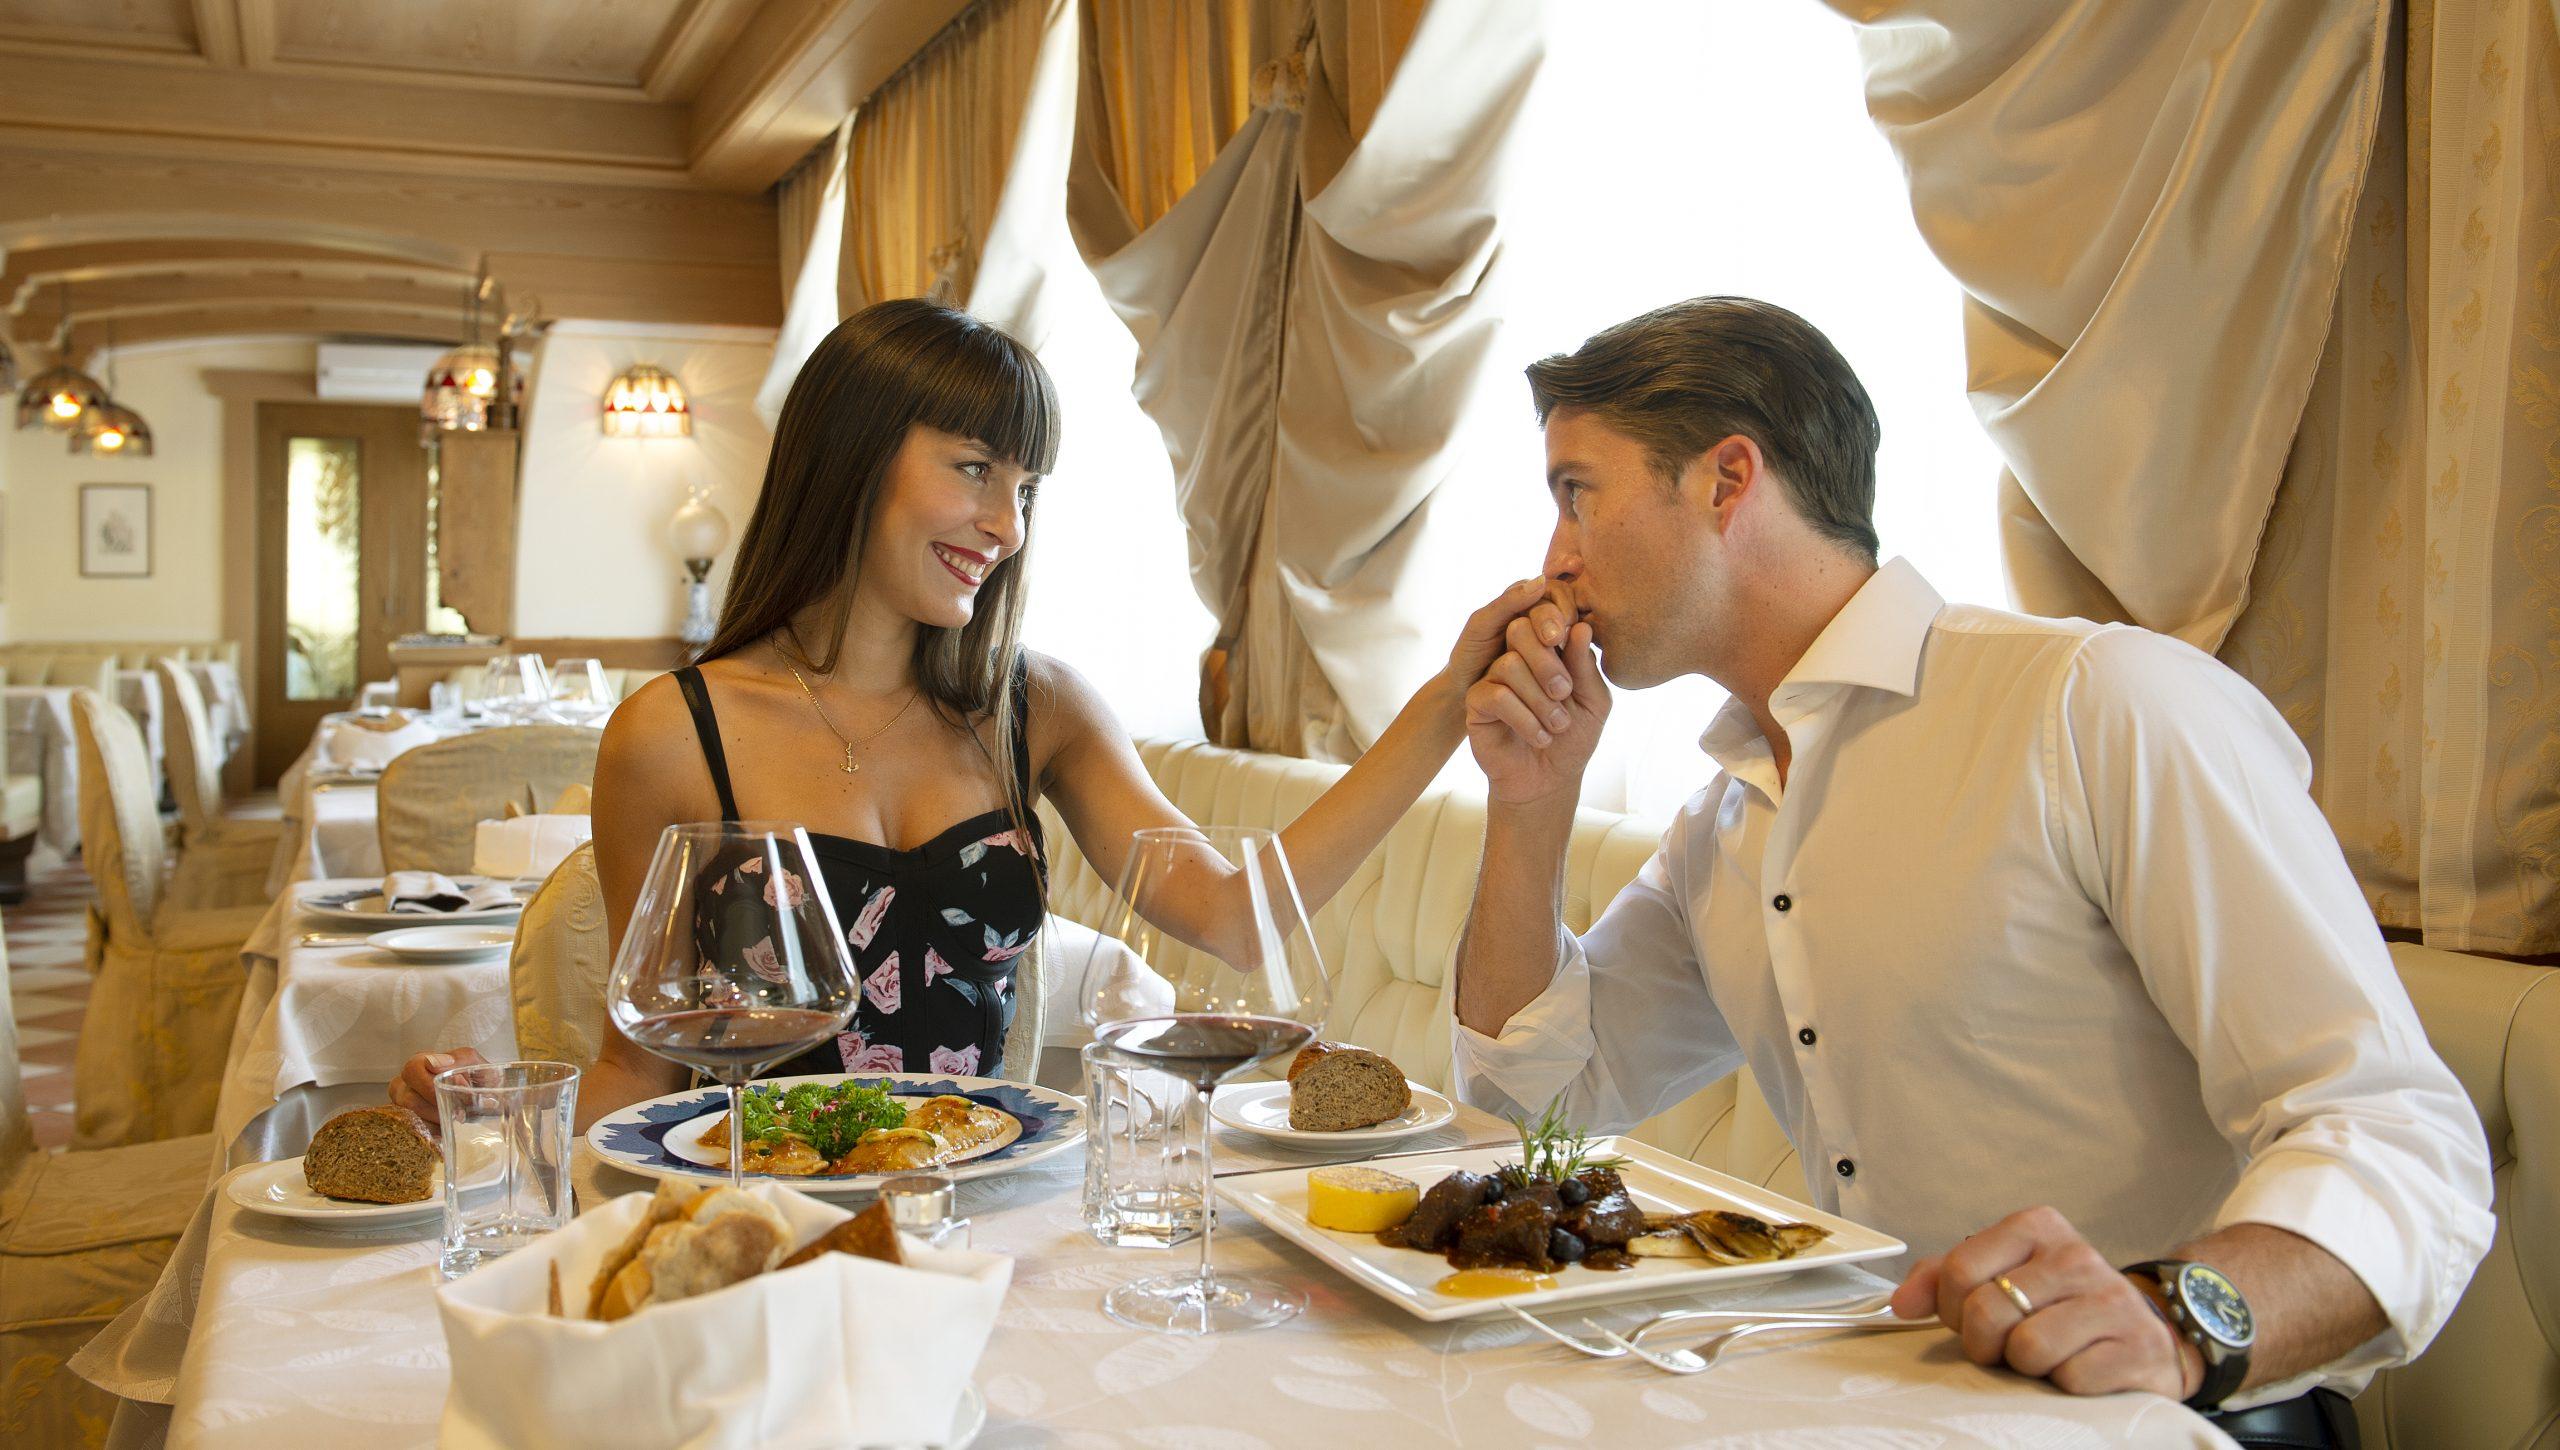 giovane coppia durante una cena tradizionale all'hotel alle alpi a moena